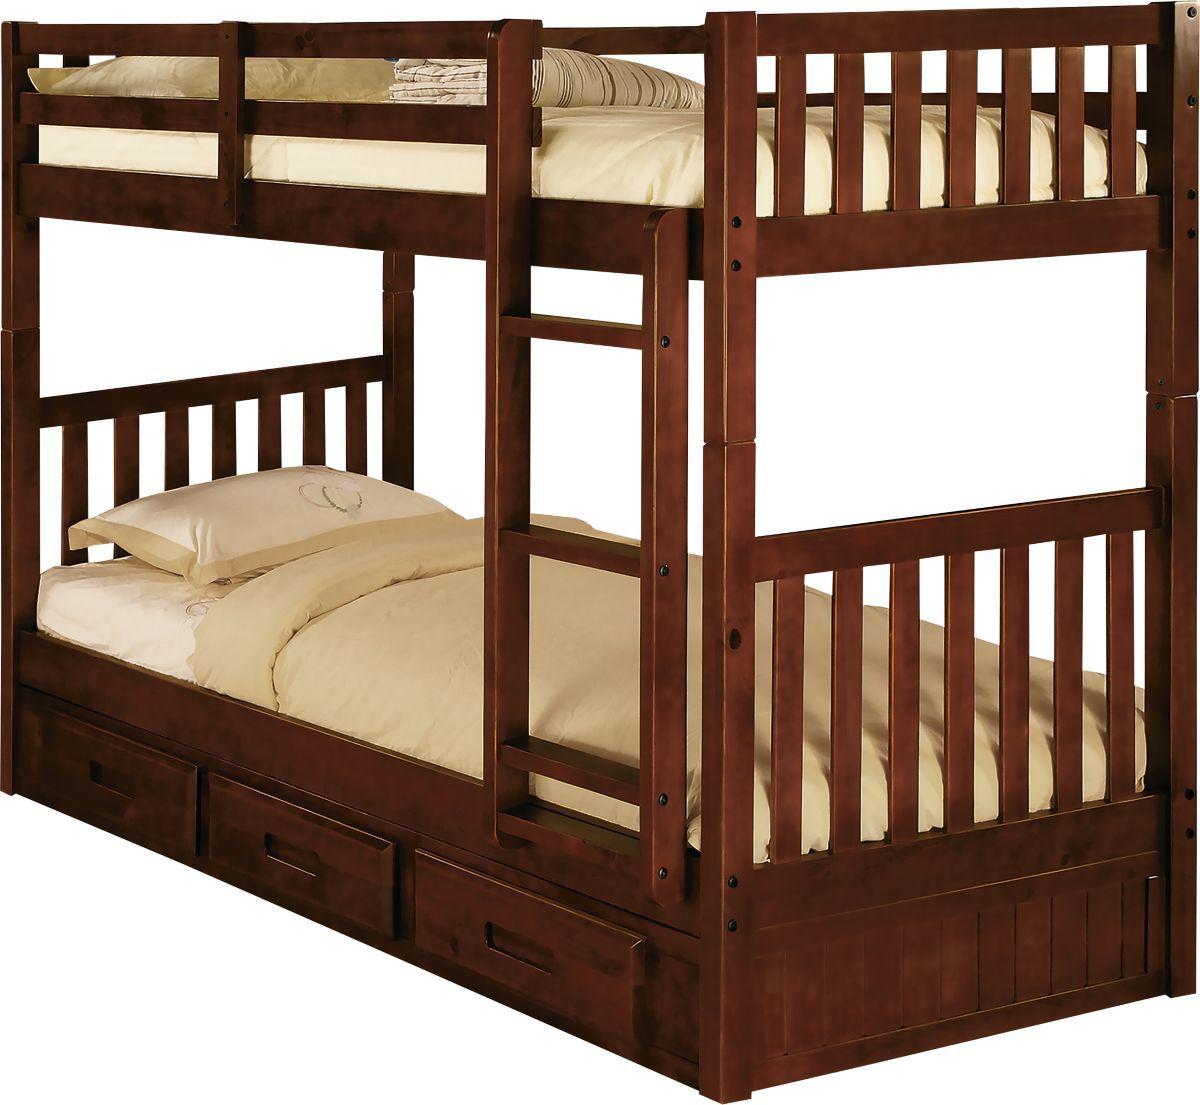 American Furniture Classics Twin/Twin Bunk Bed